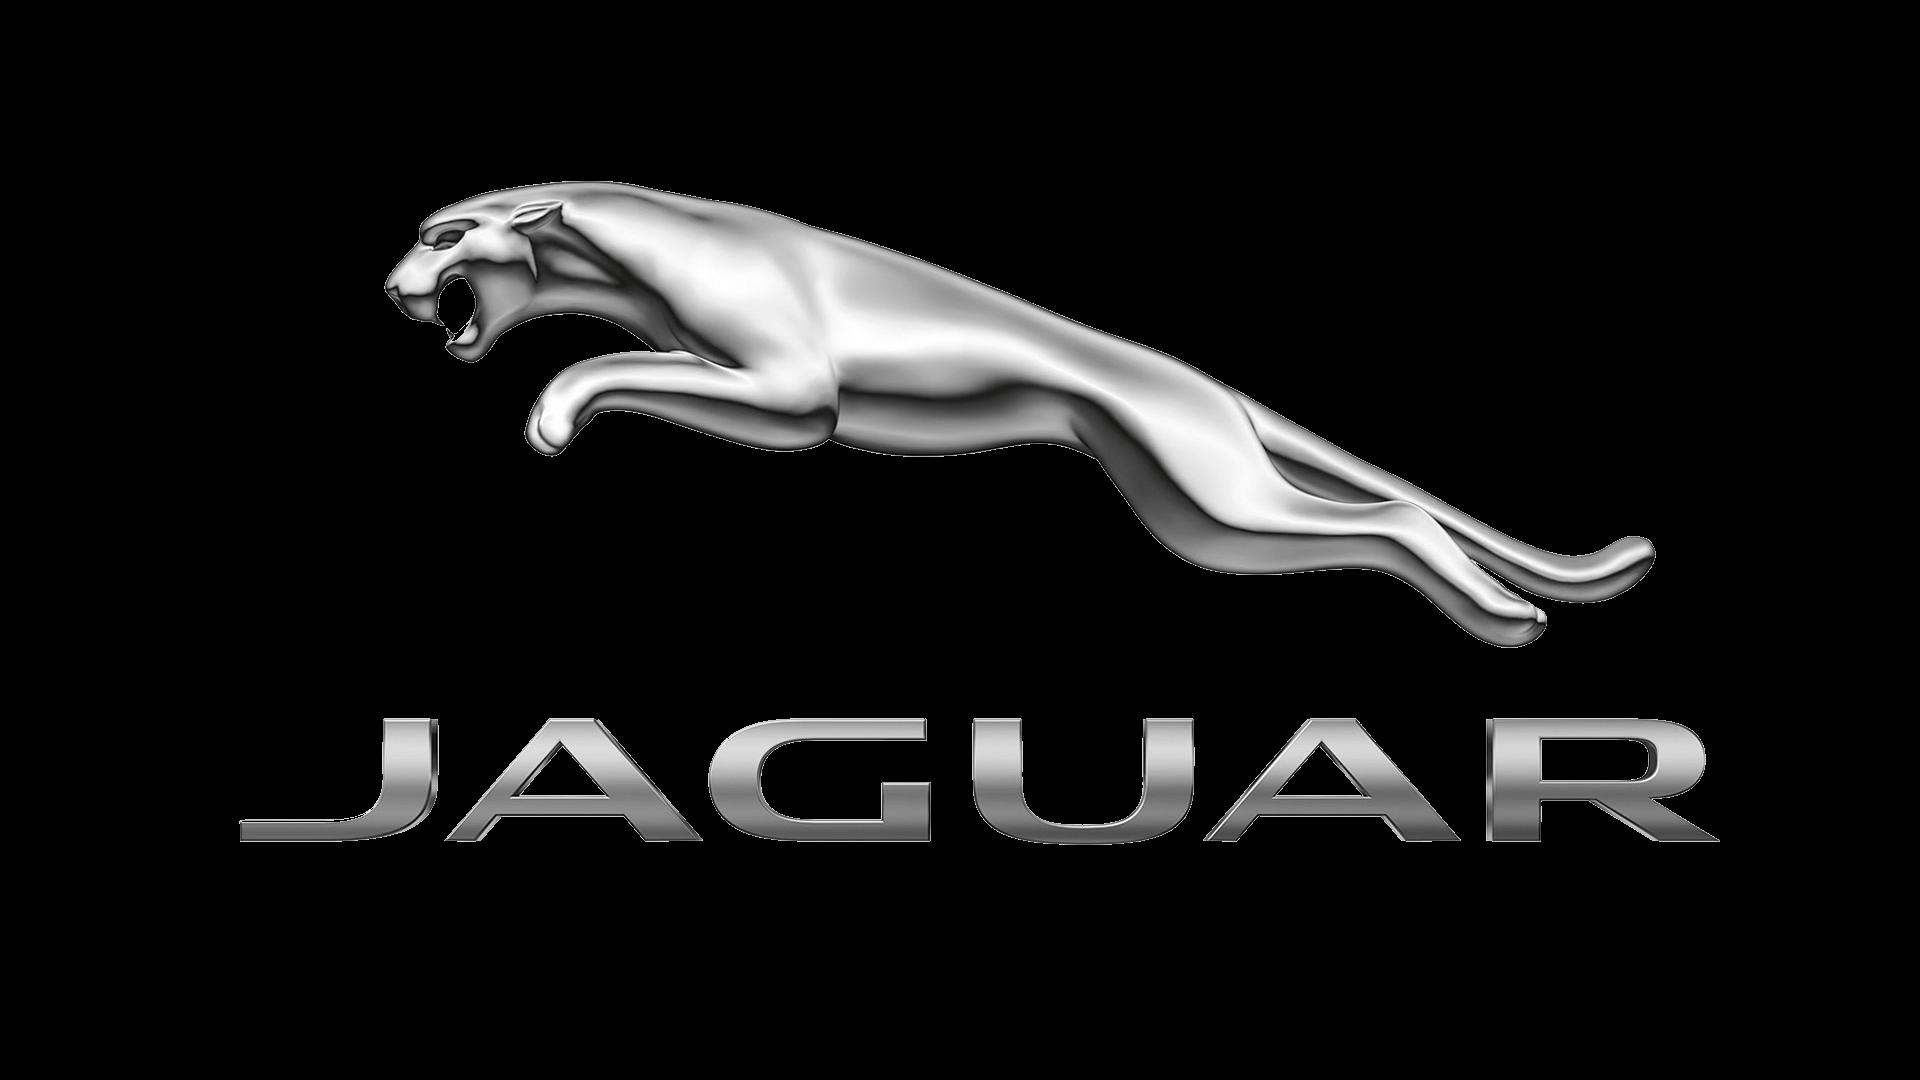 http://rpmautolease.com/wp-content/uploads/2017/08/Jaguar-logo-2012-1920x1080.png